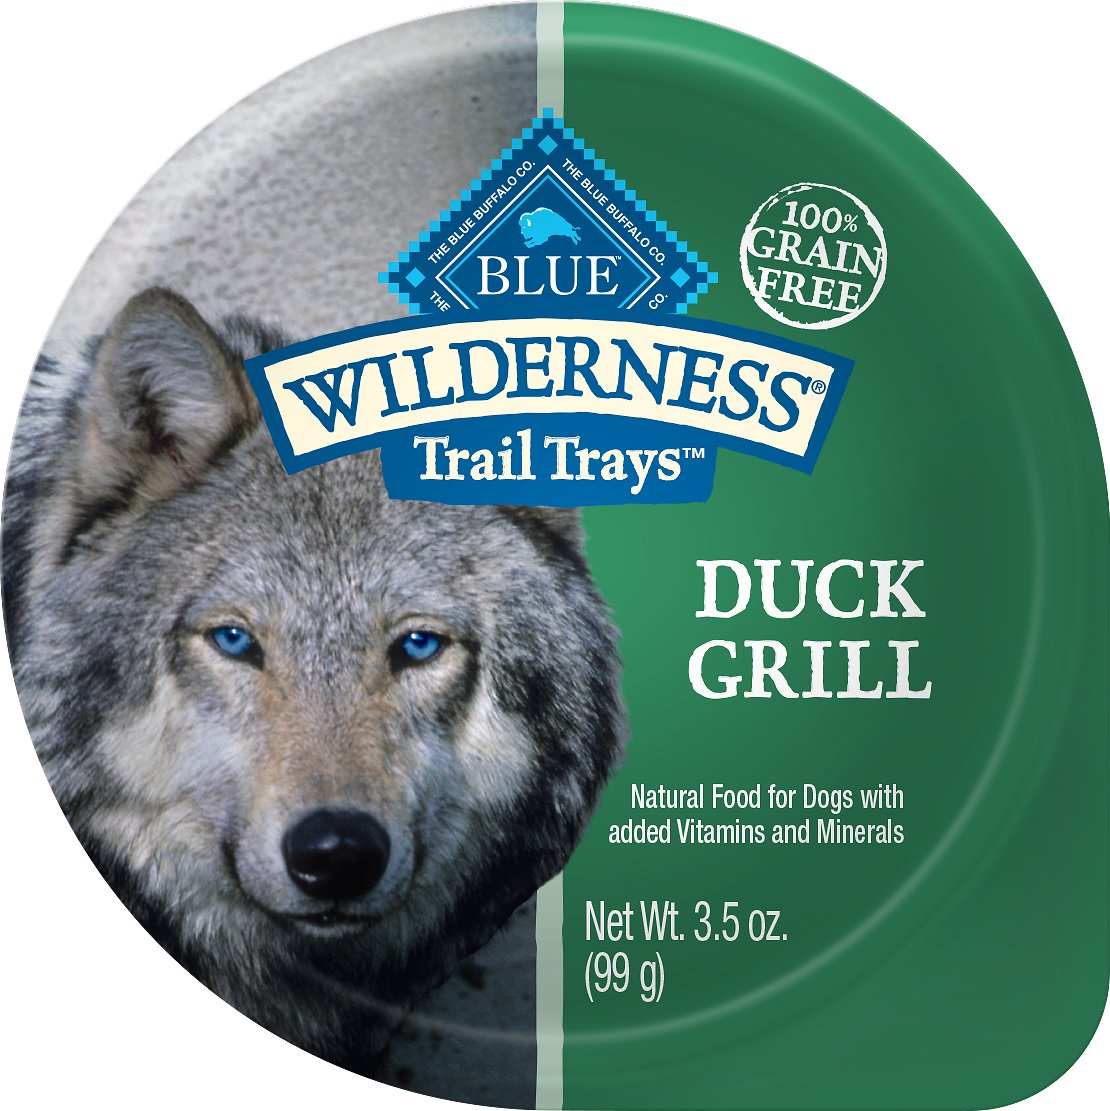 Blue Buffalo Wilderness Trail Trays Duck Grill Formula Grain-Free Dog Food Trays, 3.5-oz